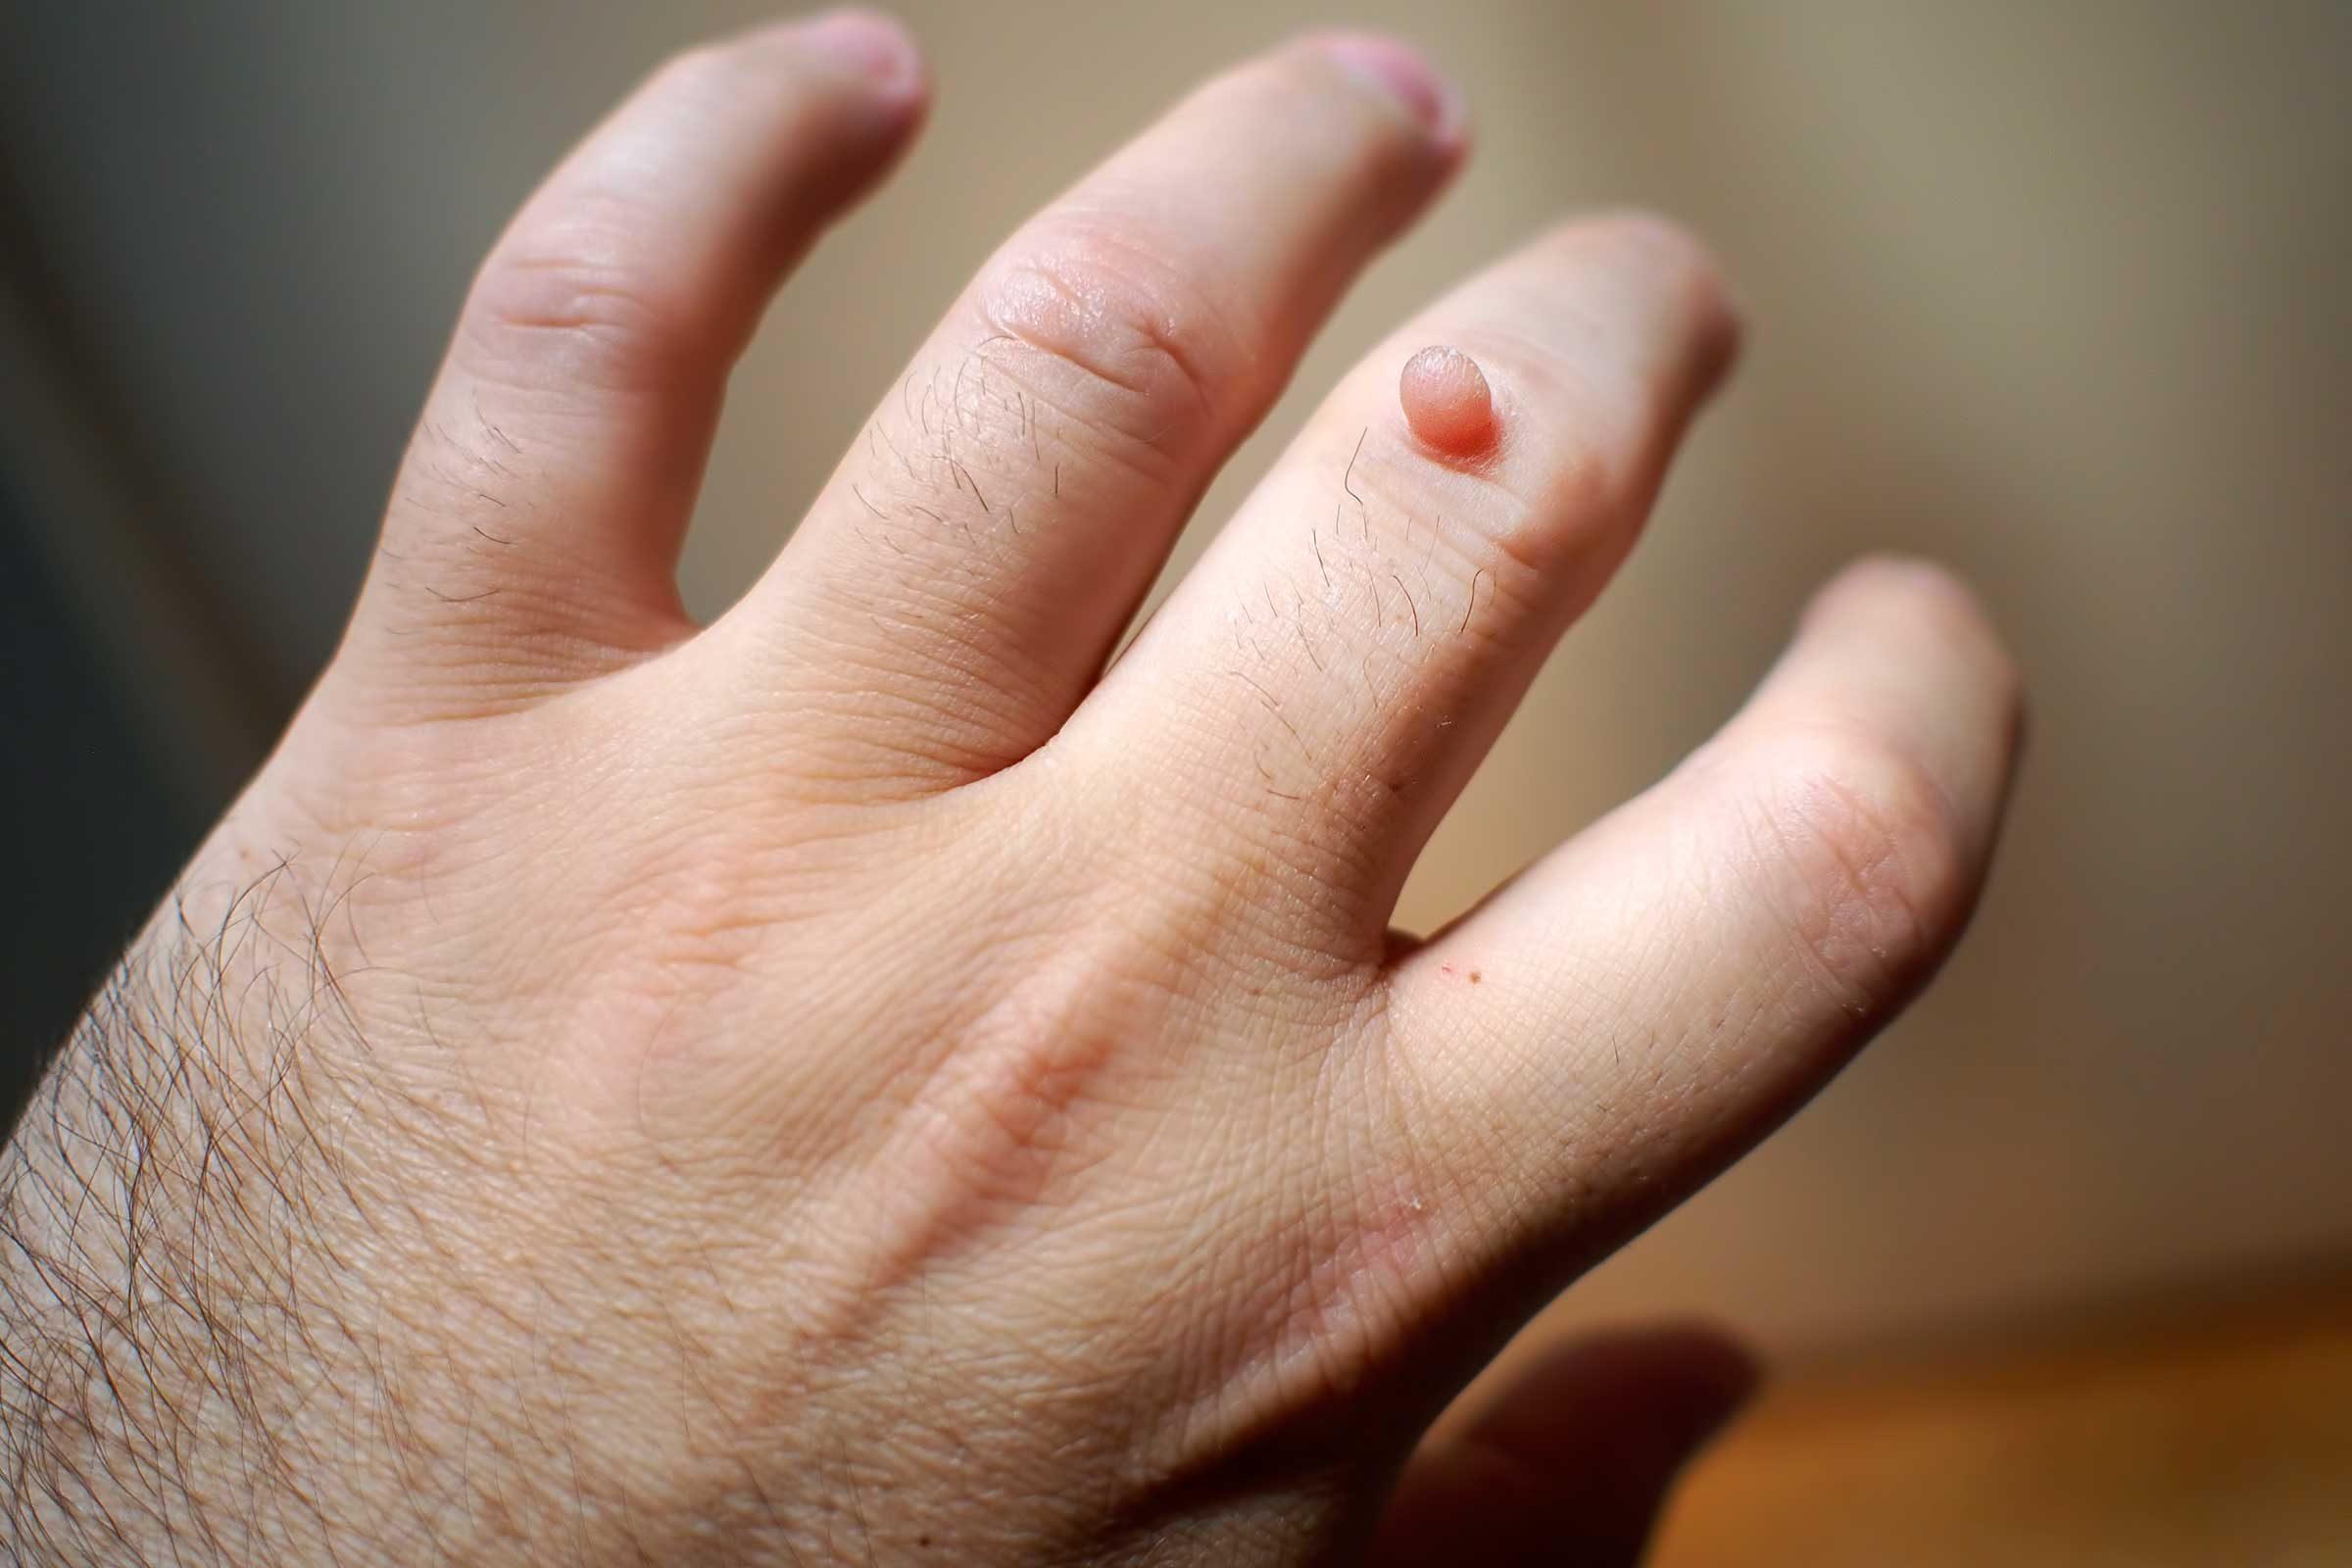 warts treatment at home